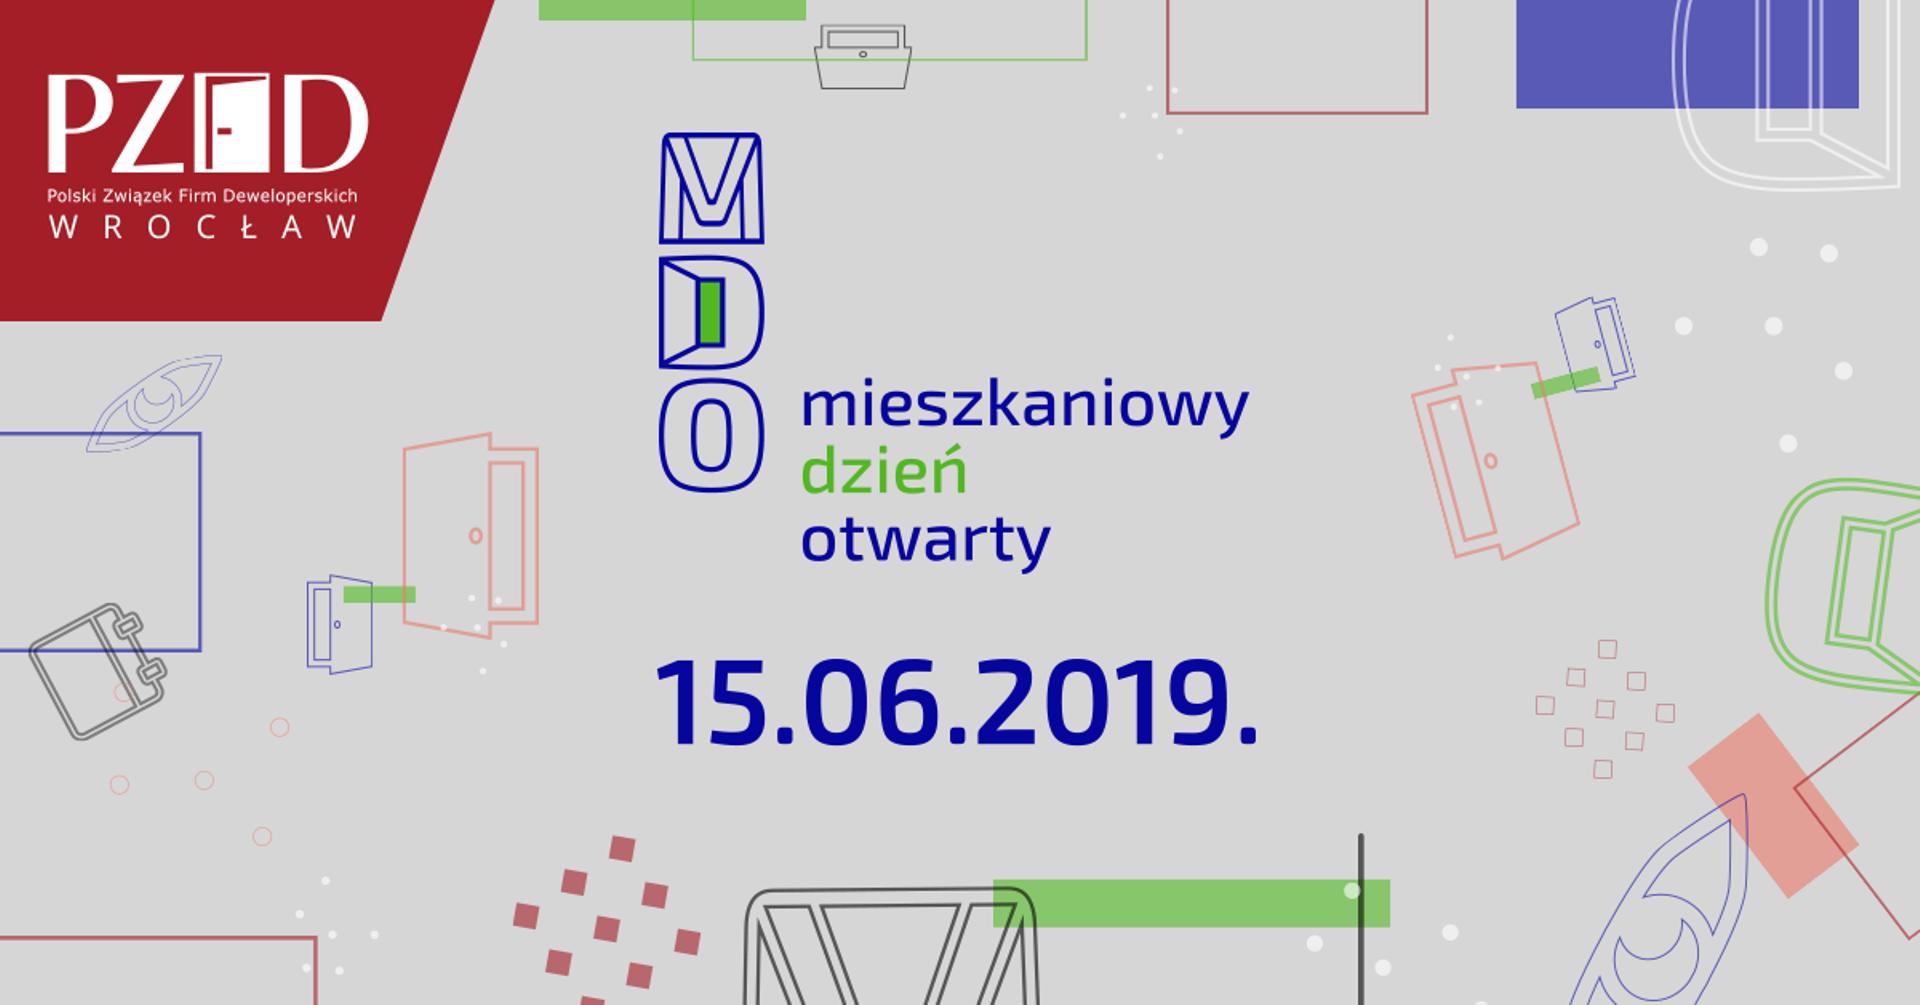 Wrocław: 10 deweloperów, 19 inwestycji, jedna data: Mieszkaniowy Dzień Otwarty już w tę sobotę!